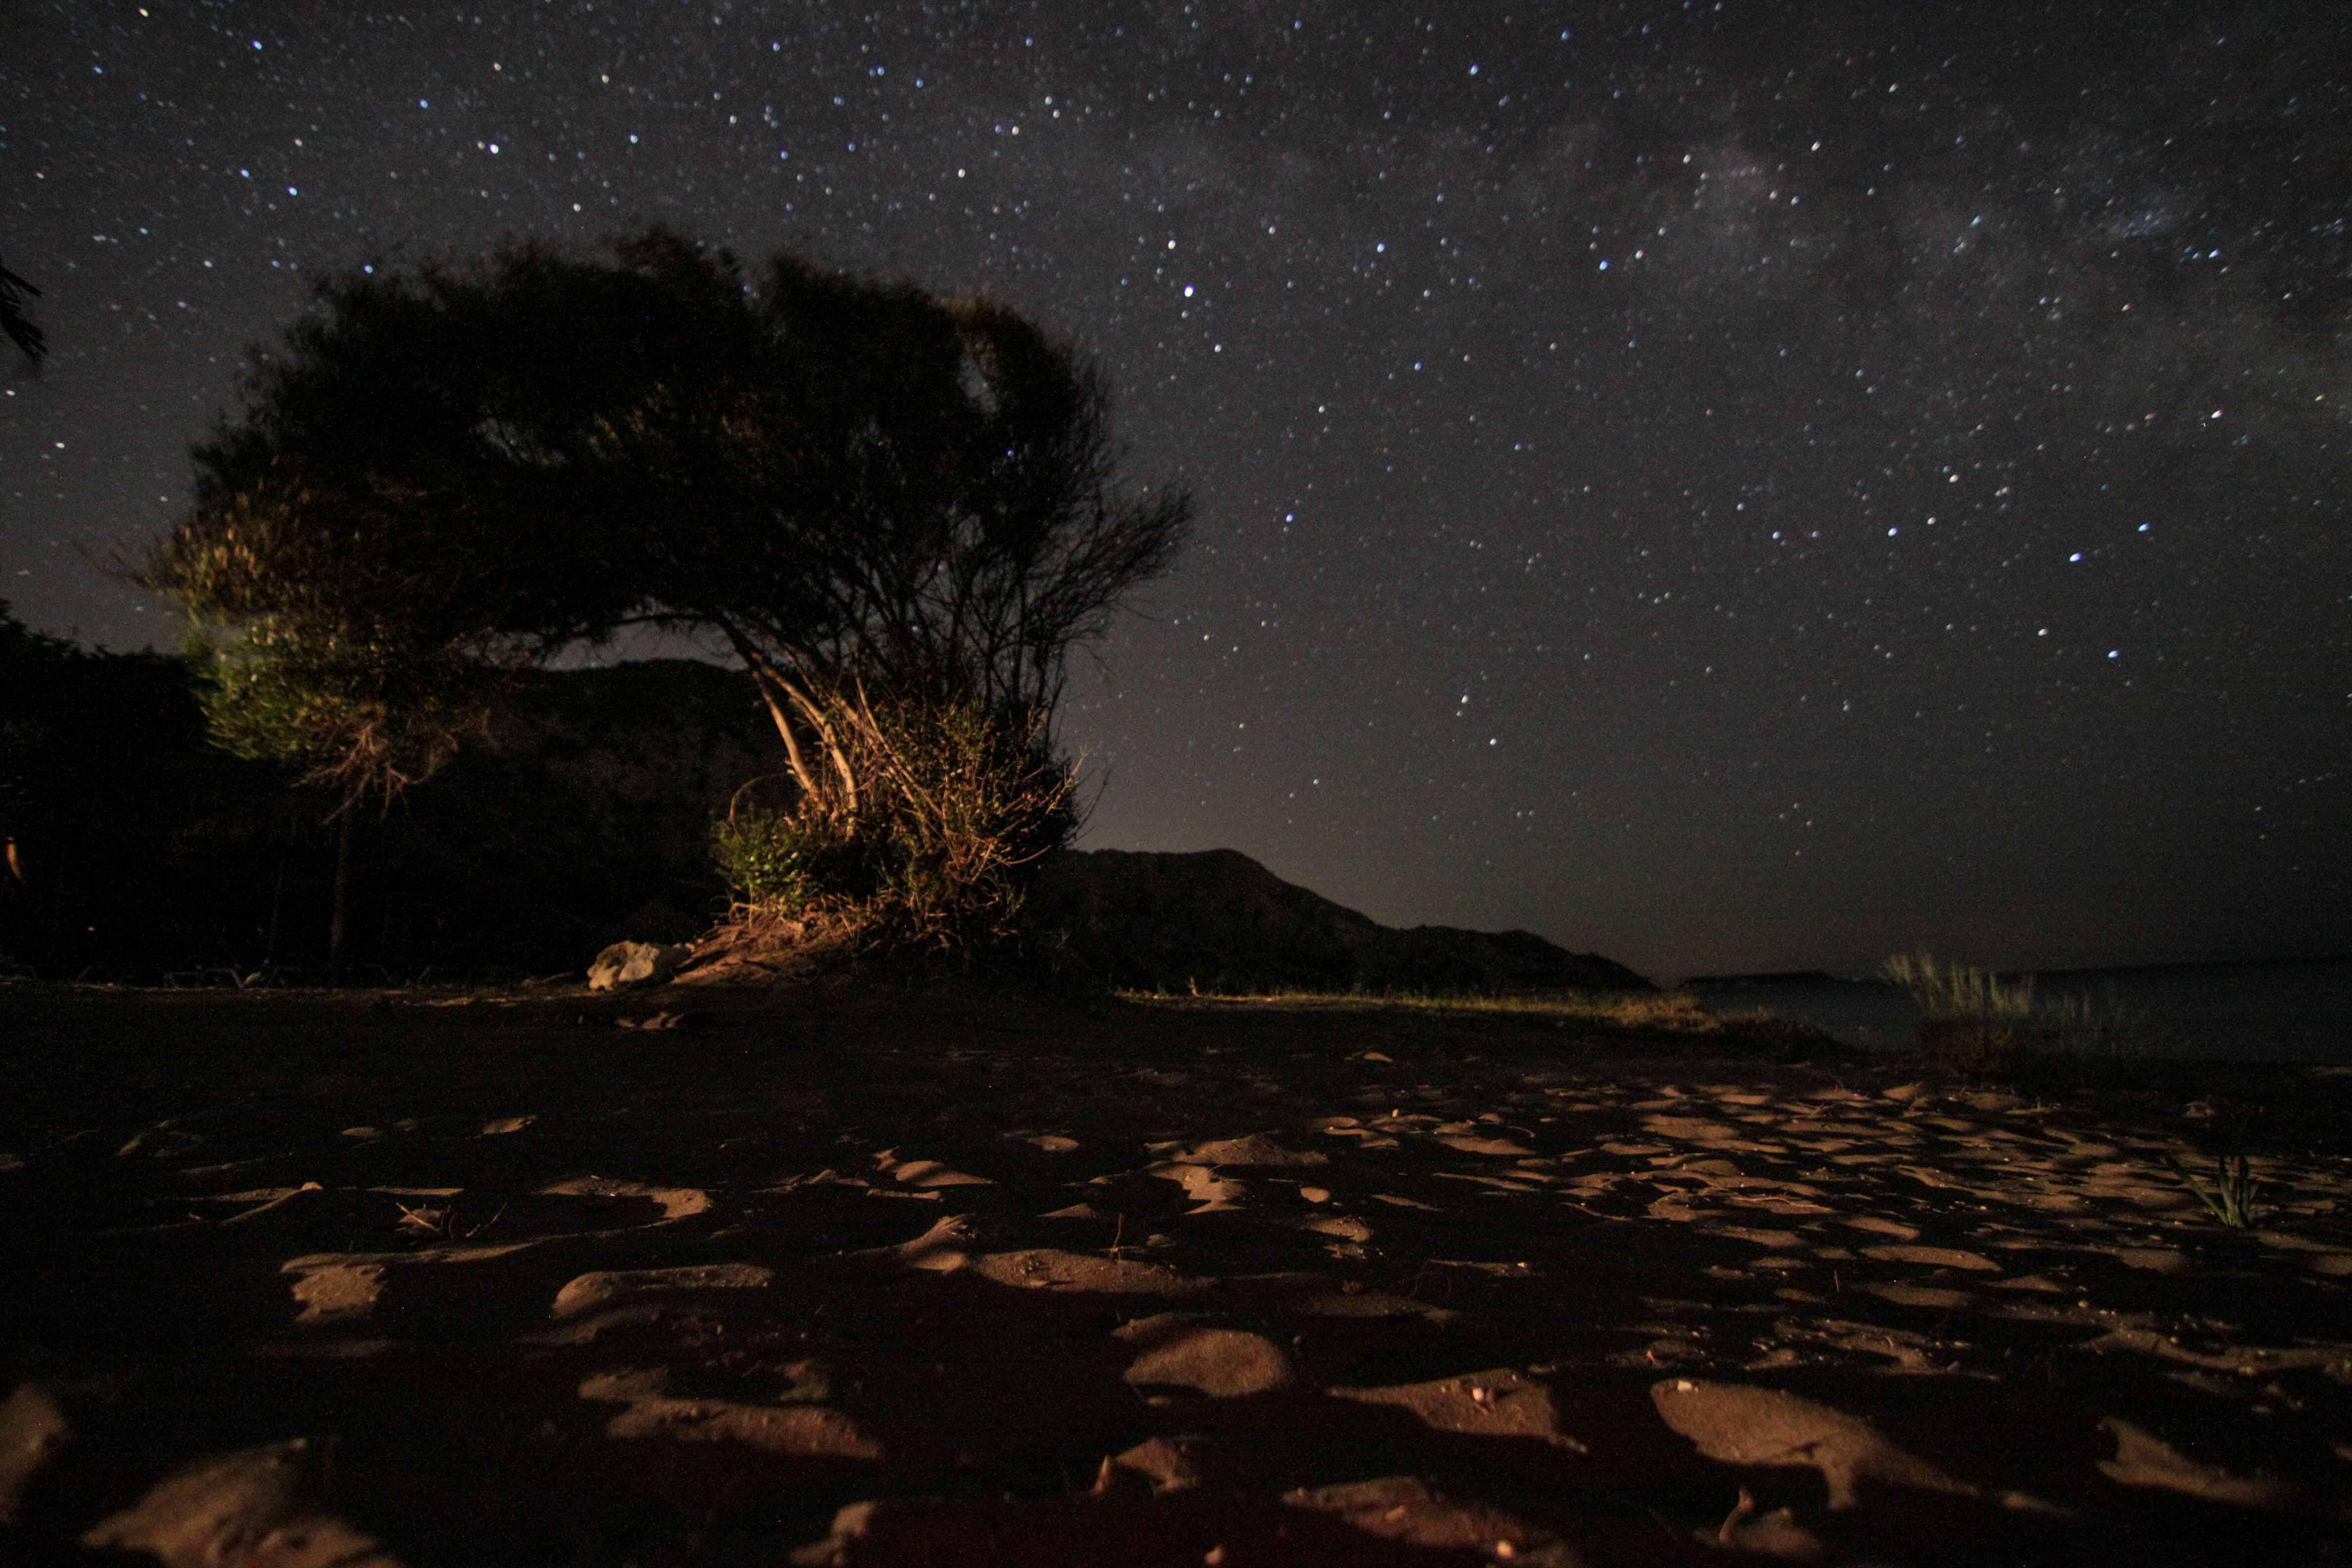 DAFNI BEACH BY NIGHT